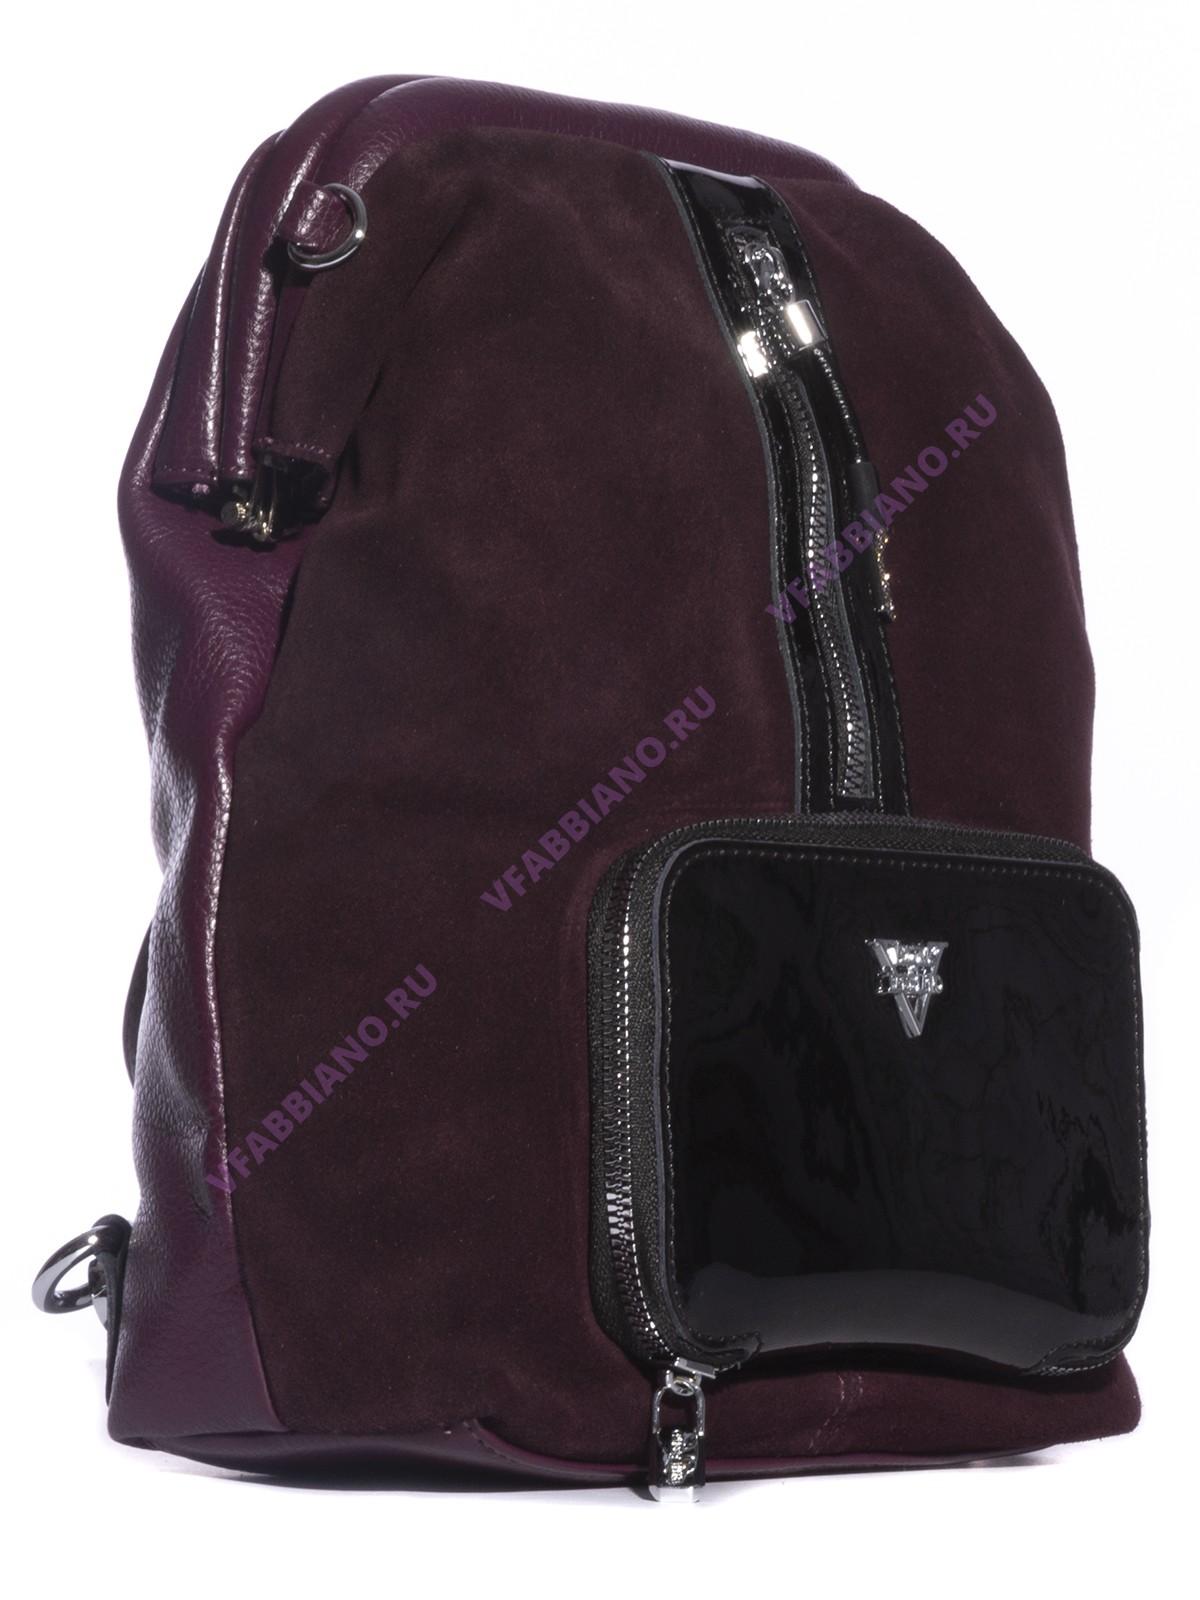 Сумка-рюкзак VF-552887 Wine